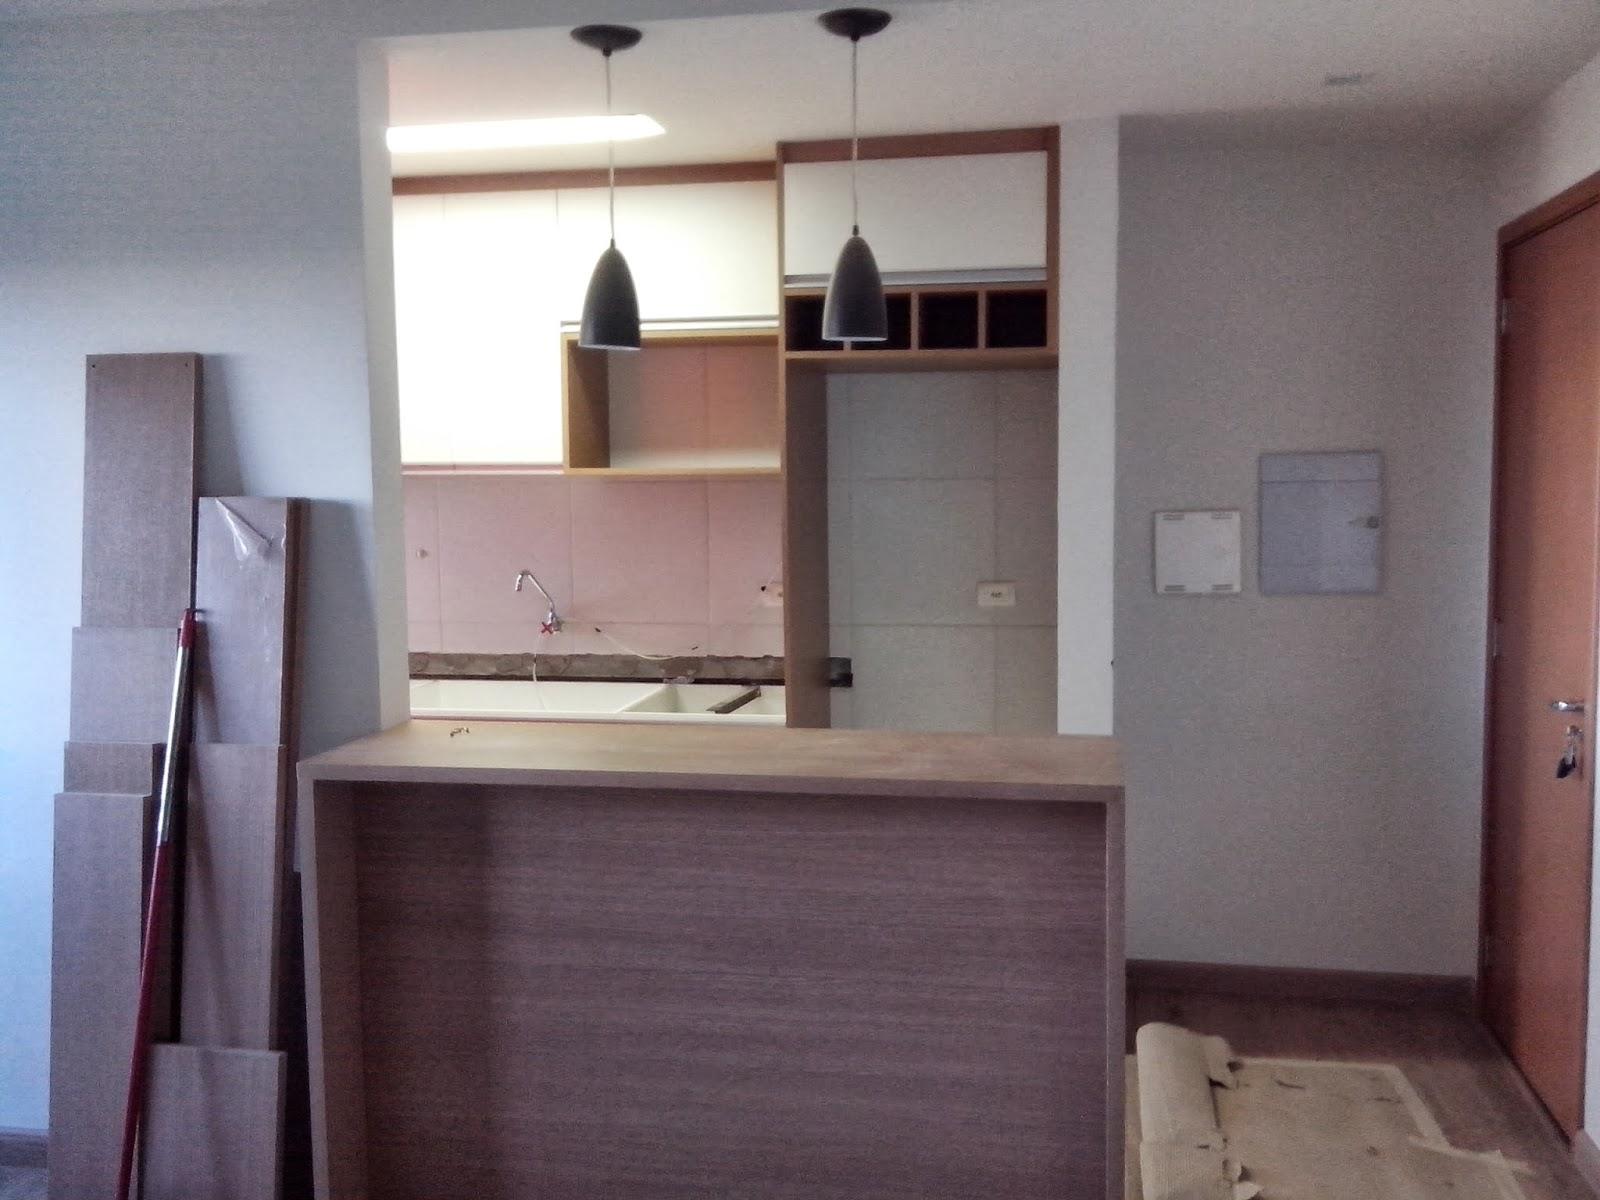 Reforma do meu apê: Montagem cozinha e lavanderia #3D5D8E 1600x1200